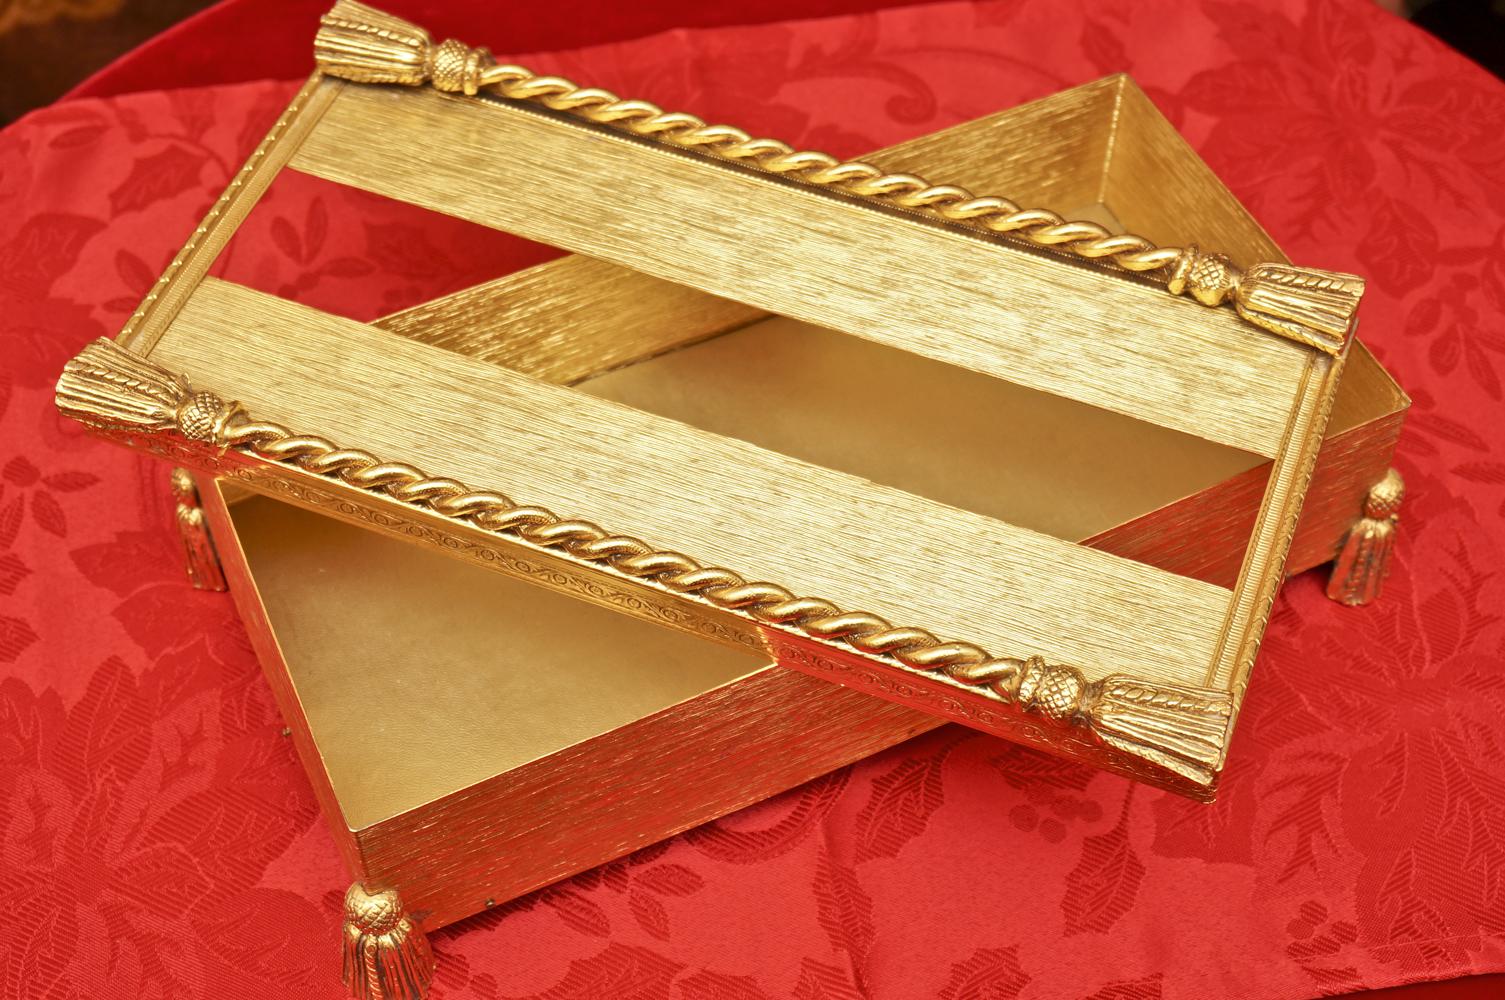 スタイルビルト製 ゴールド ロープ脚 ティッシュボックス 開けた状態